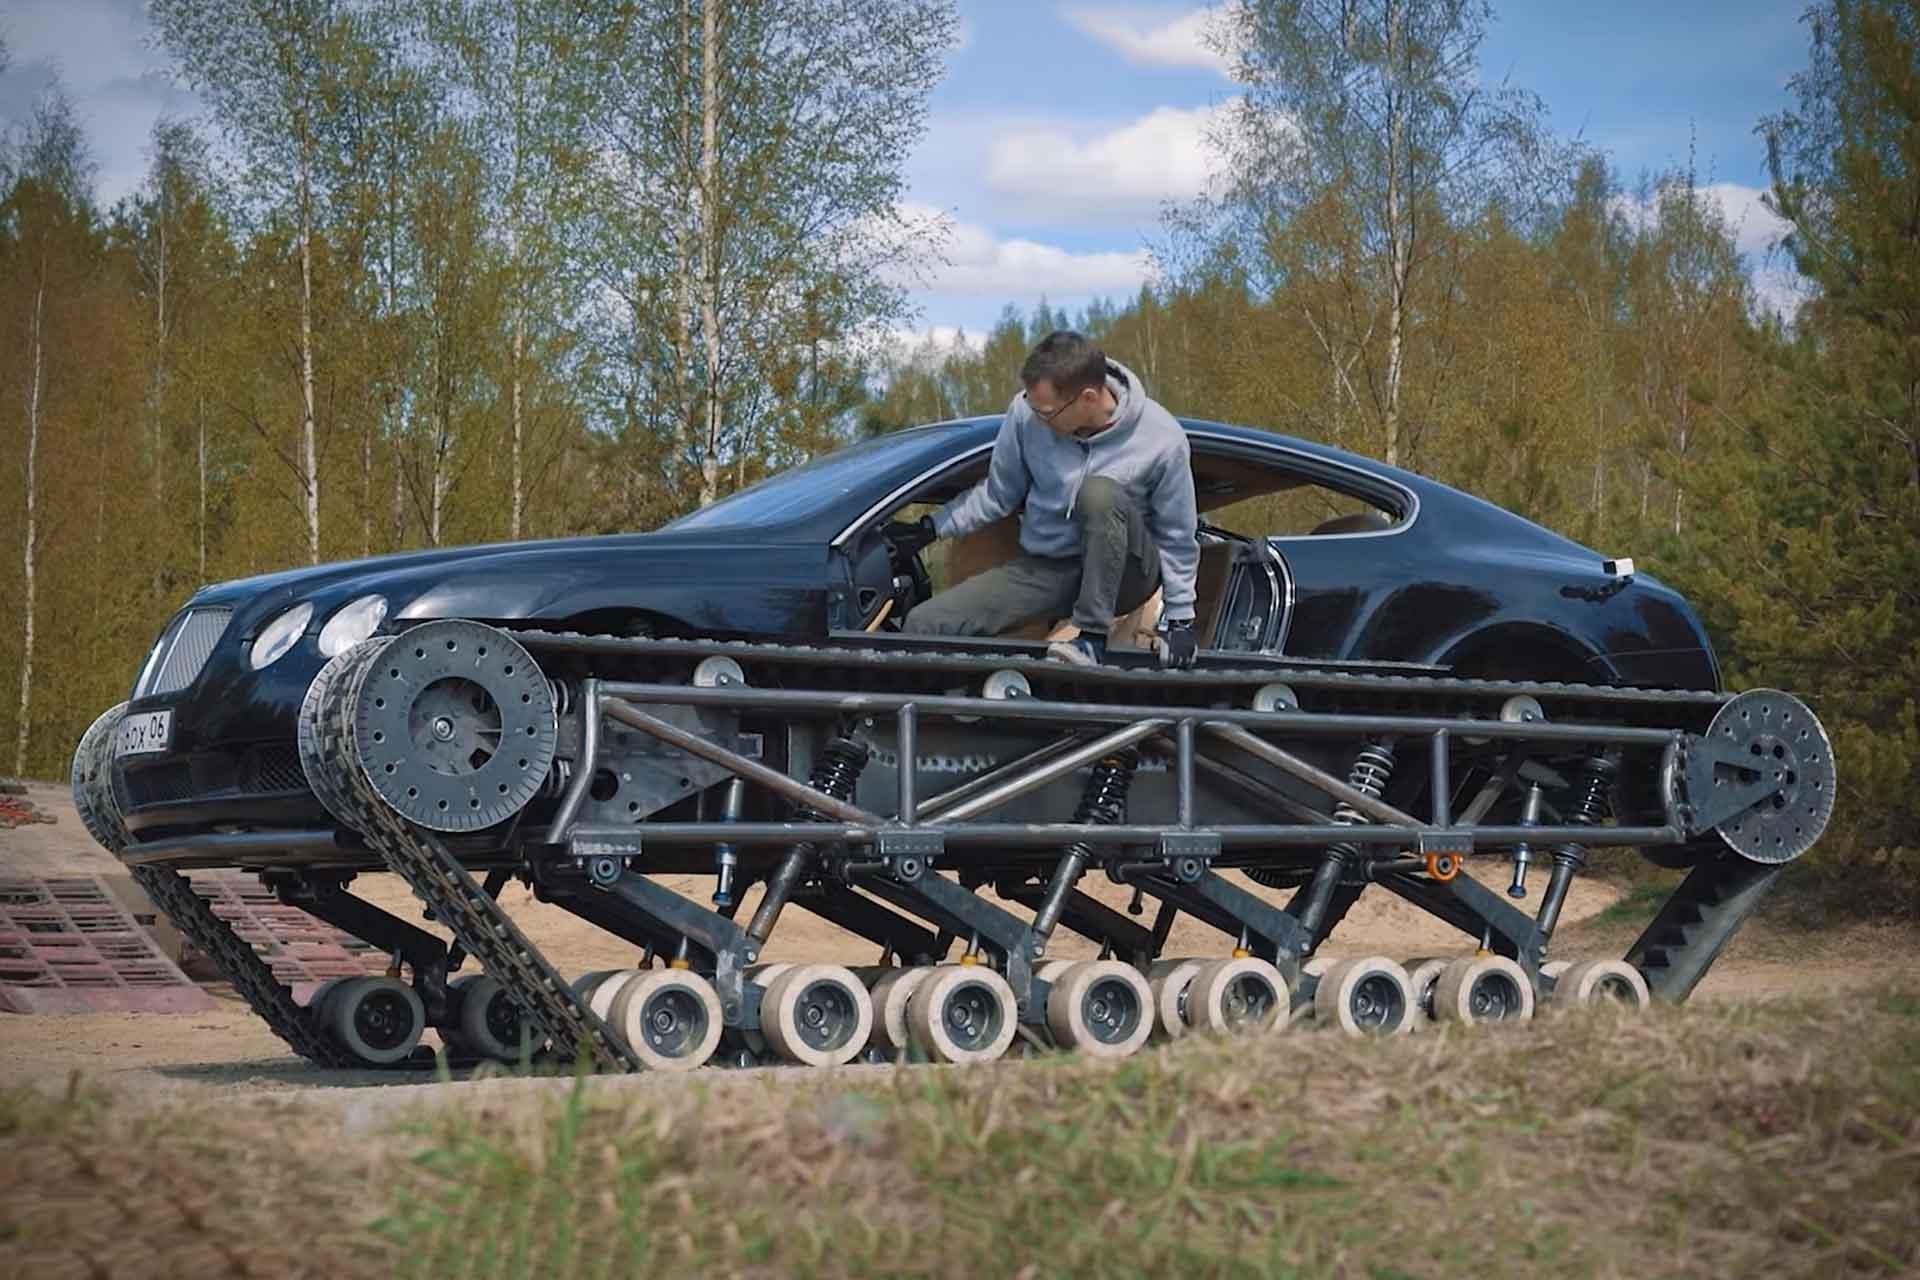 Ein Achtzylinder-Bentley auf Ketten: Youtuber baut Bentley Continental GT zum Panzer um 2